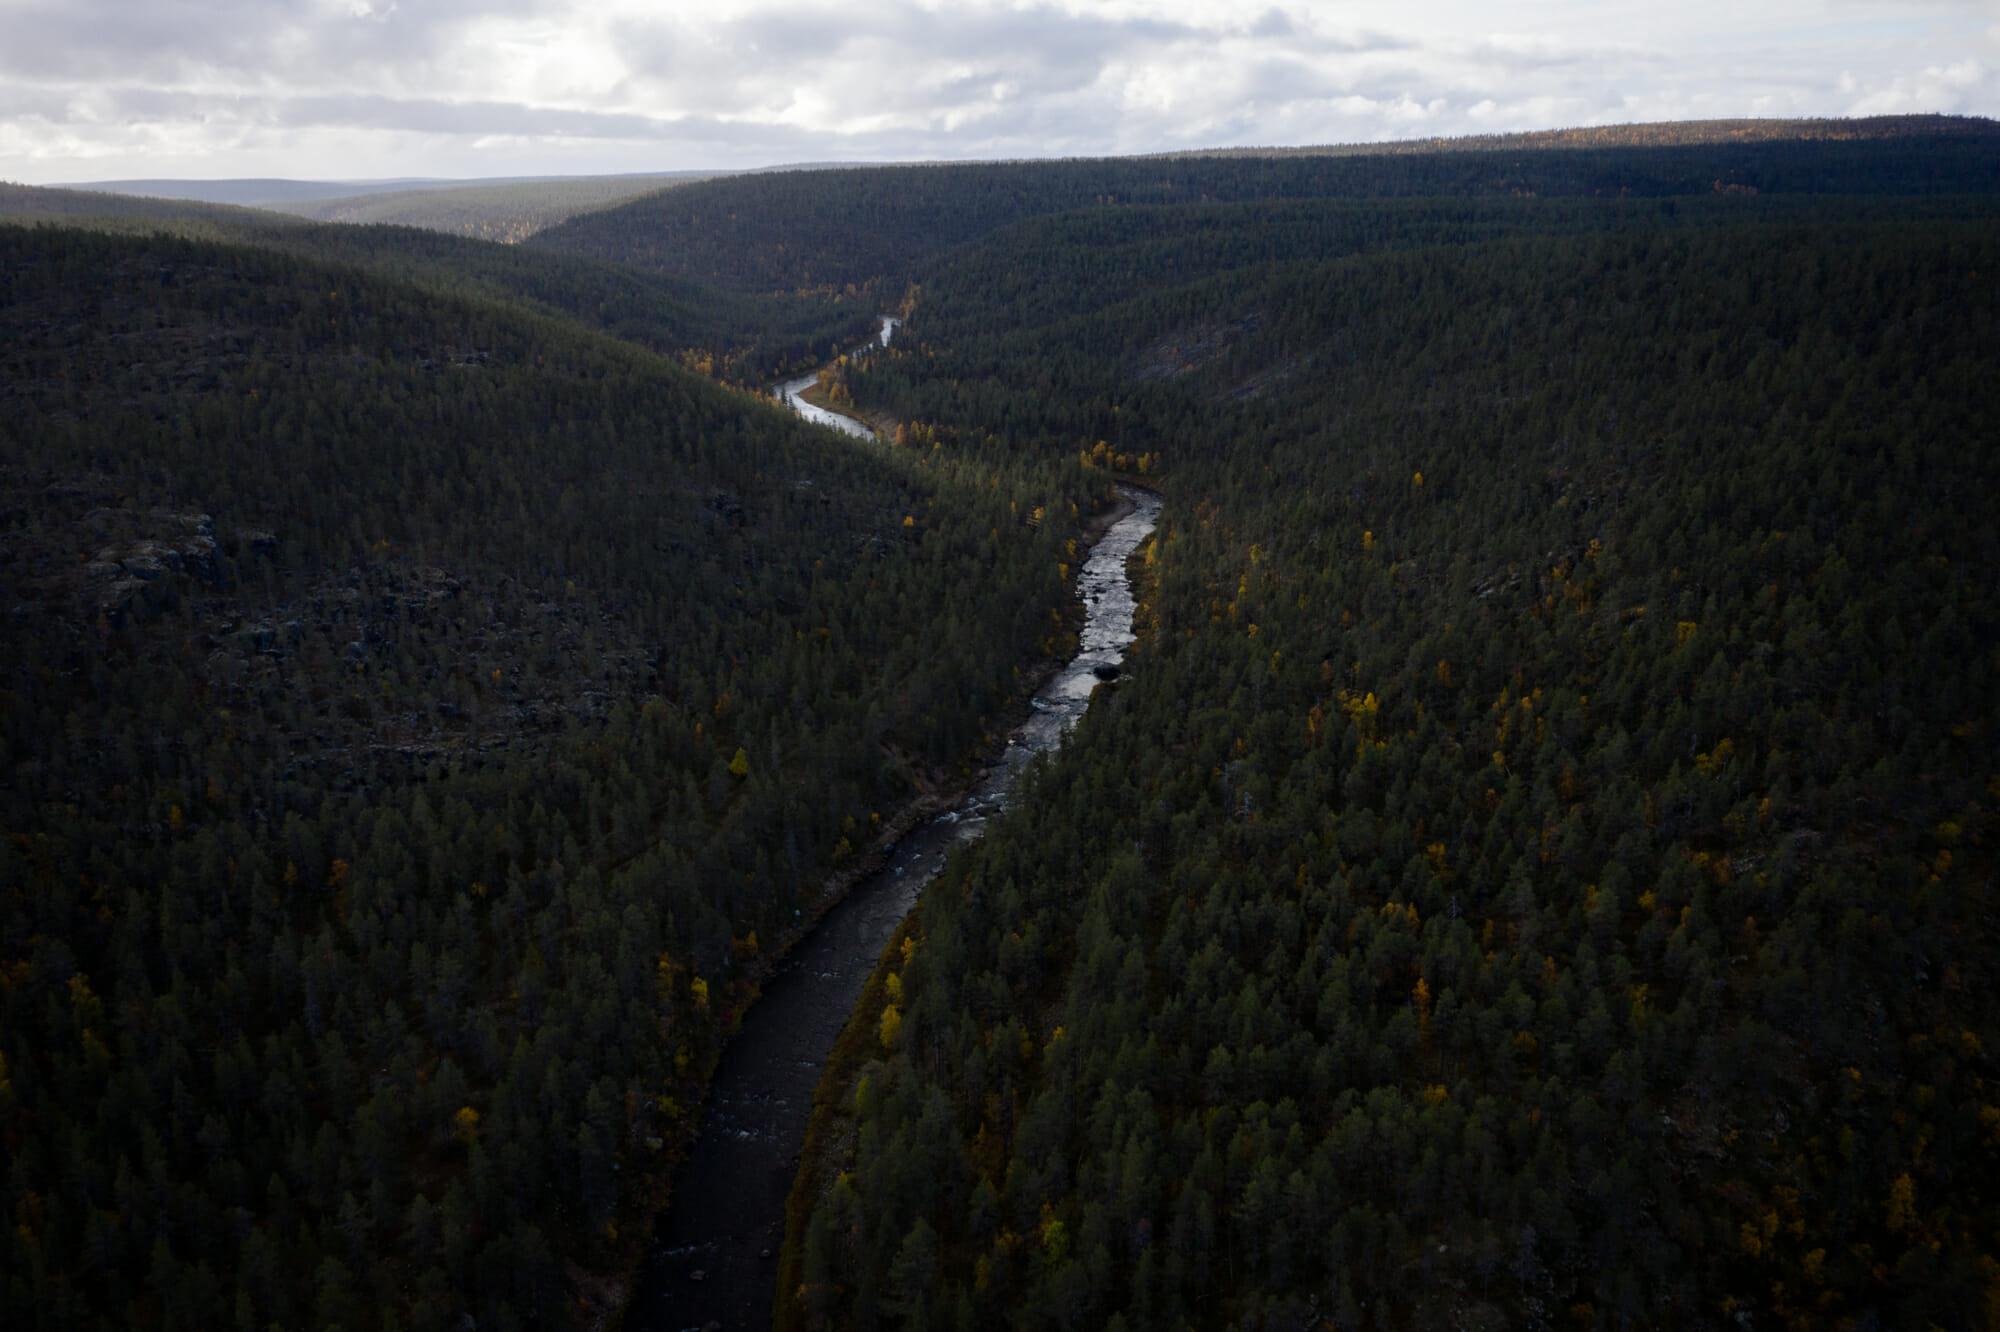 Vue aérienne sur la rivière Ivalojoki en Laponie finlandaise